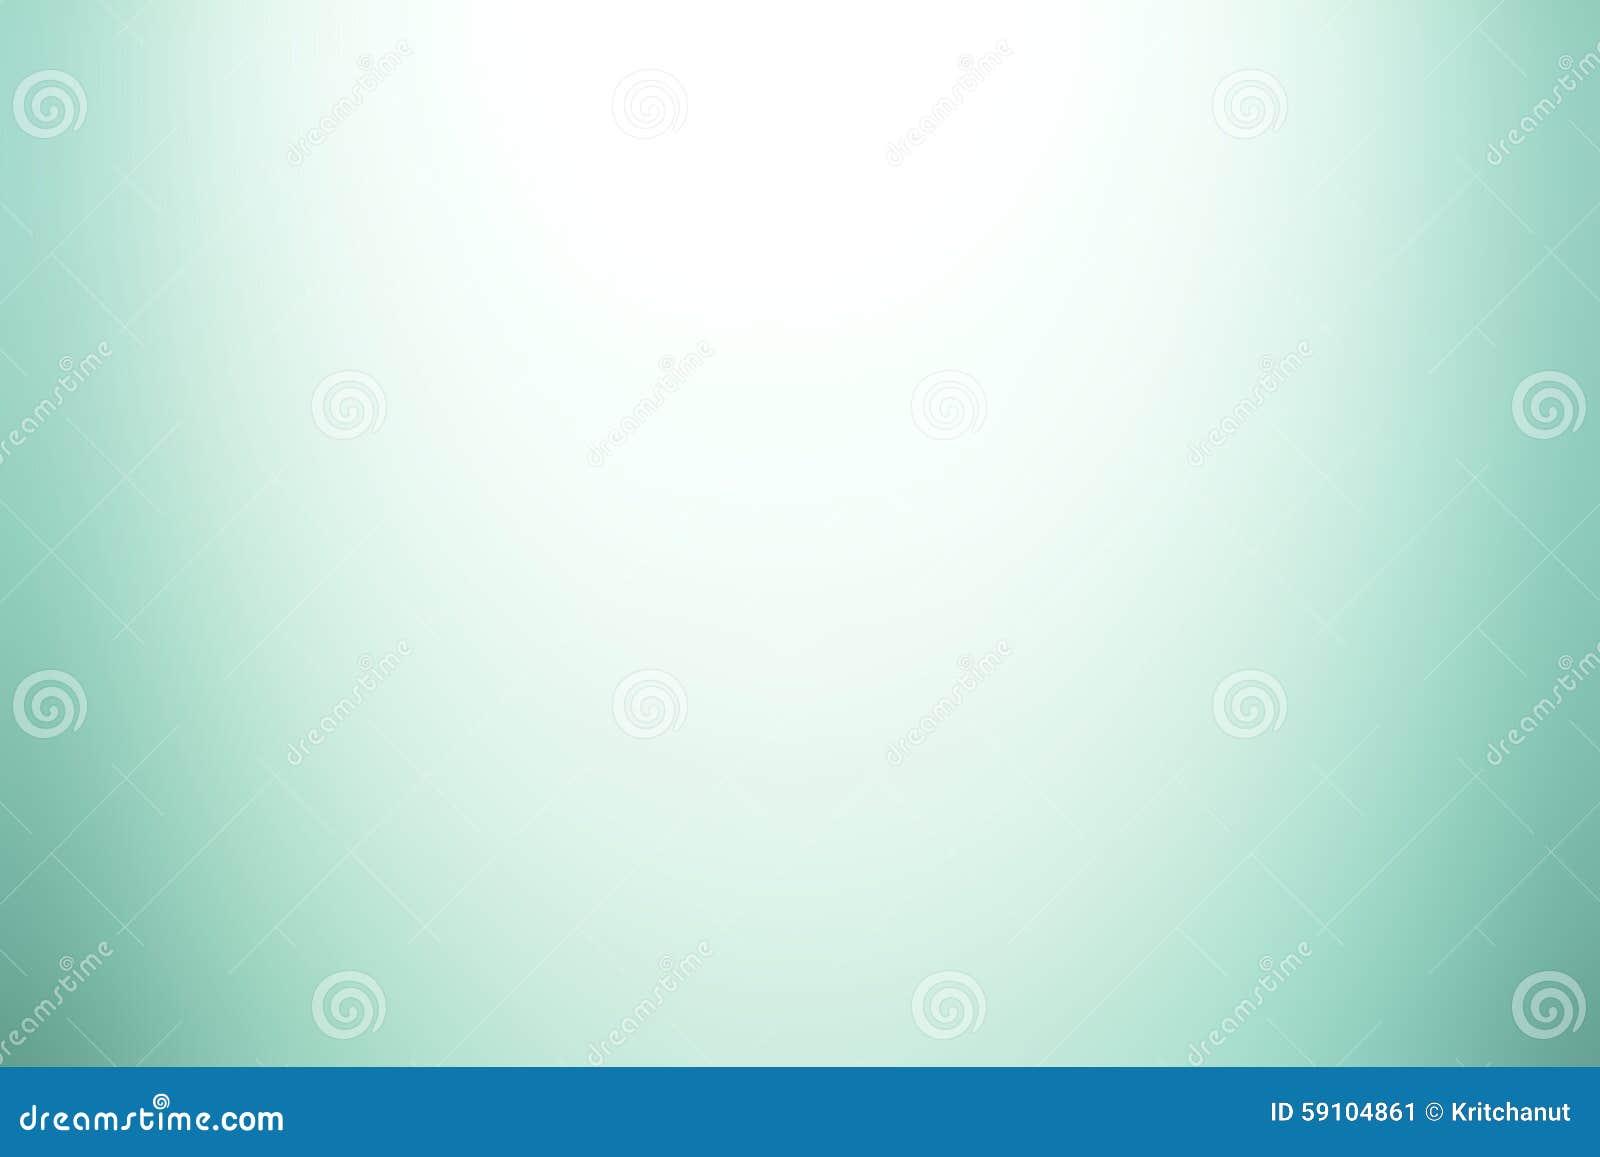 绿松石梯度摘要背景